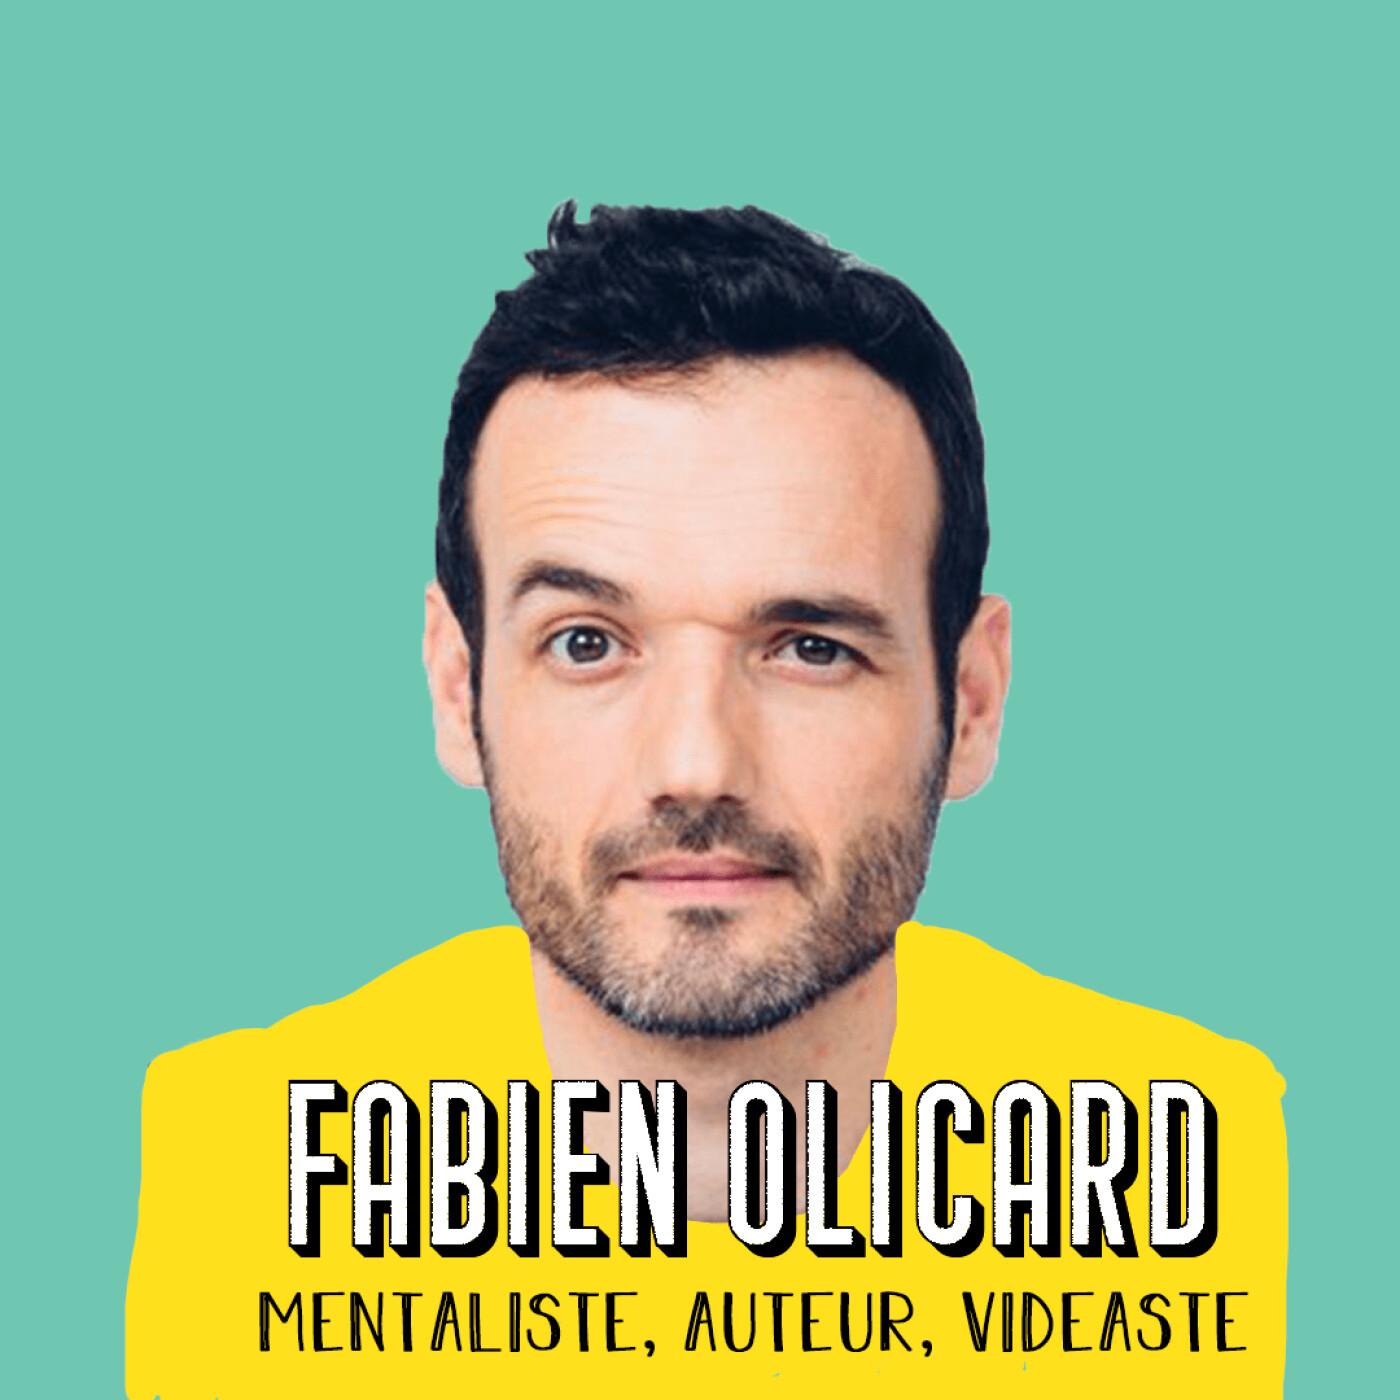 Fabien Olicard, ou l'autodidacte - de vendeur à entrepreneur, auteur à comédien, mentaliste à vidéaste {BEST-OF}